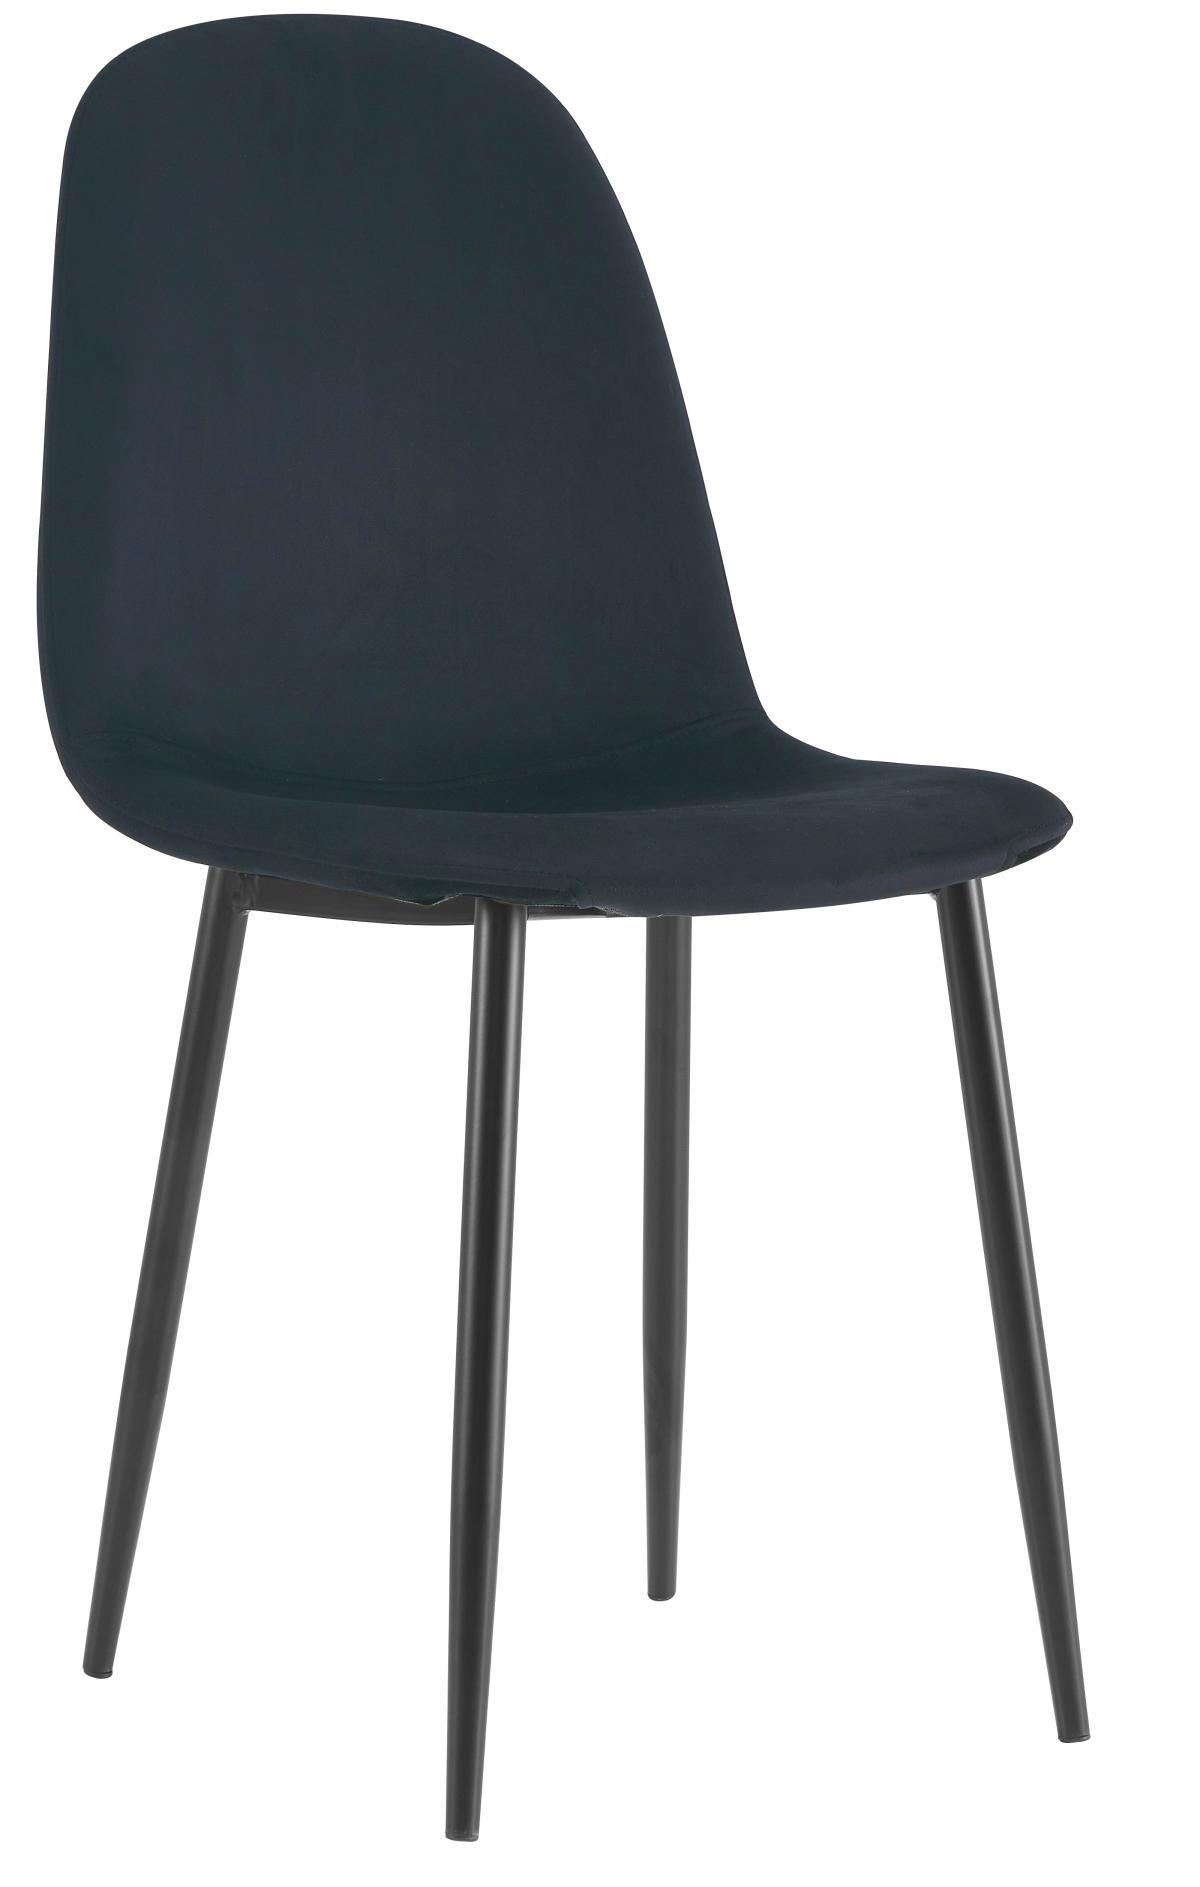 כסא לפינת אוכל דגם SOLNA בד קטיפתי שחור